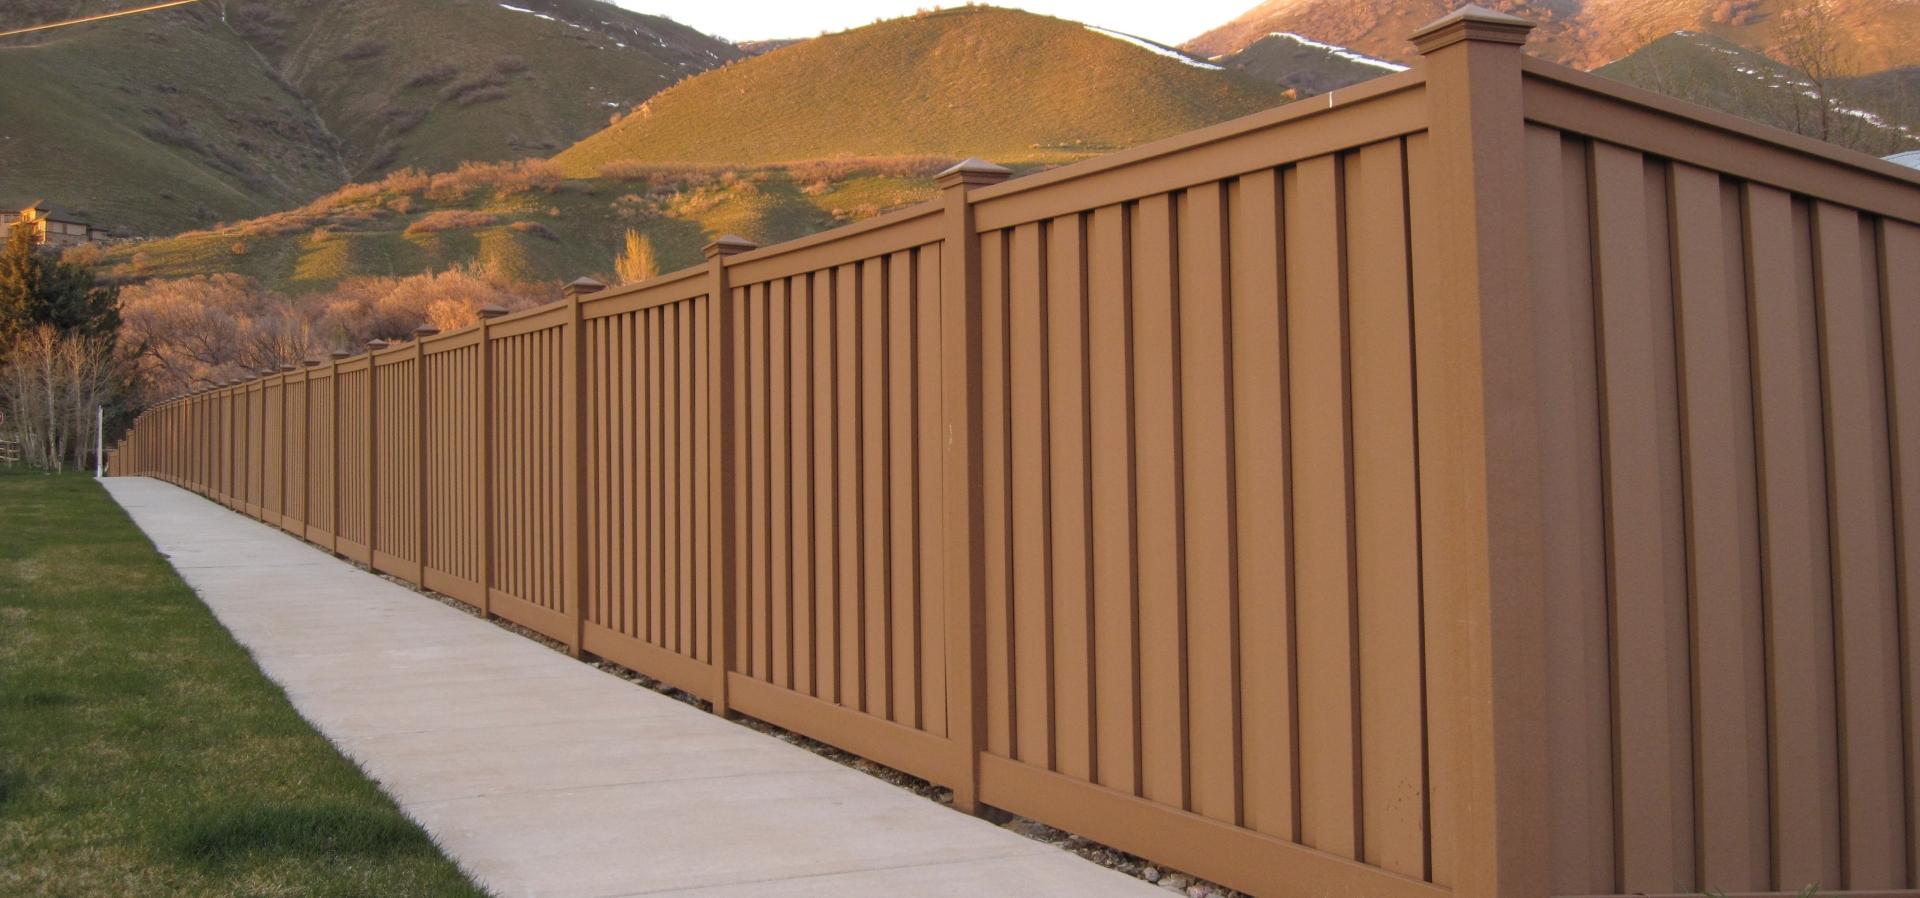 Trex & Simtek Fences & Decks